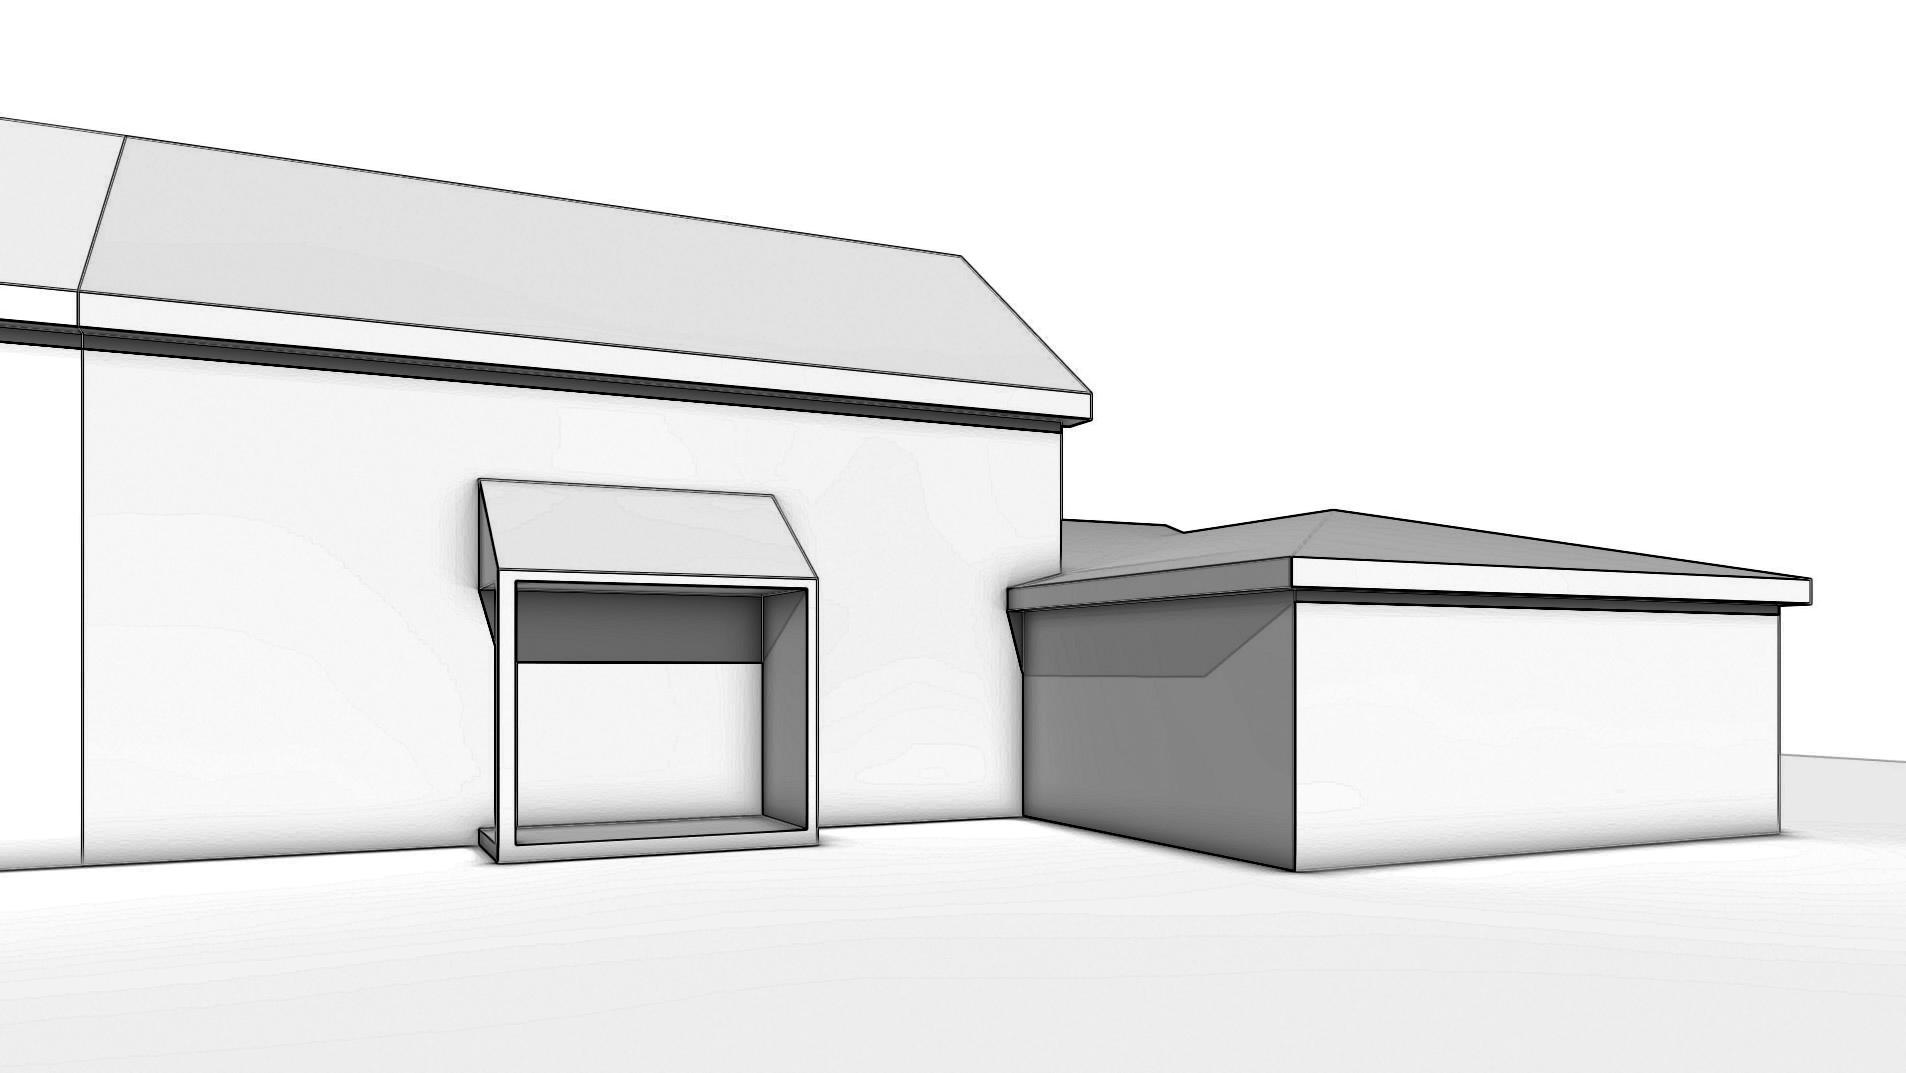 Roofline2-b.jpg